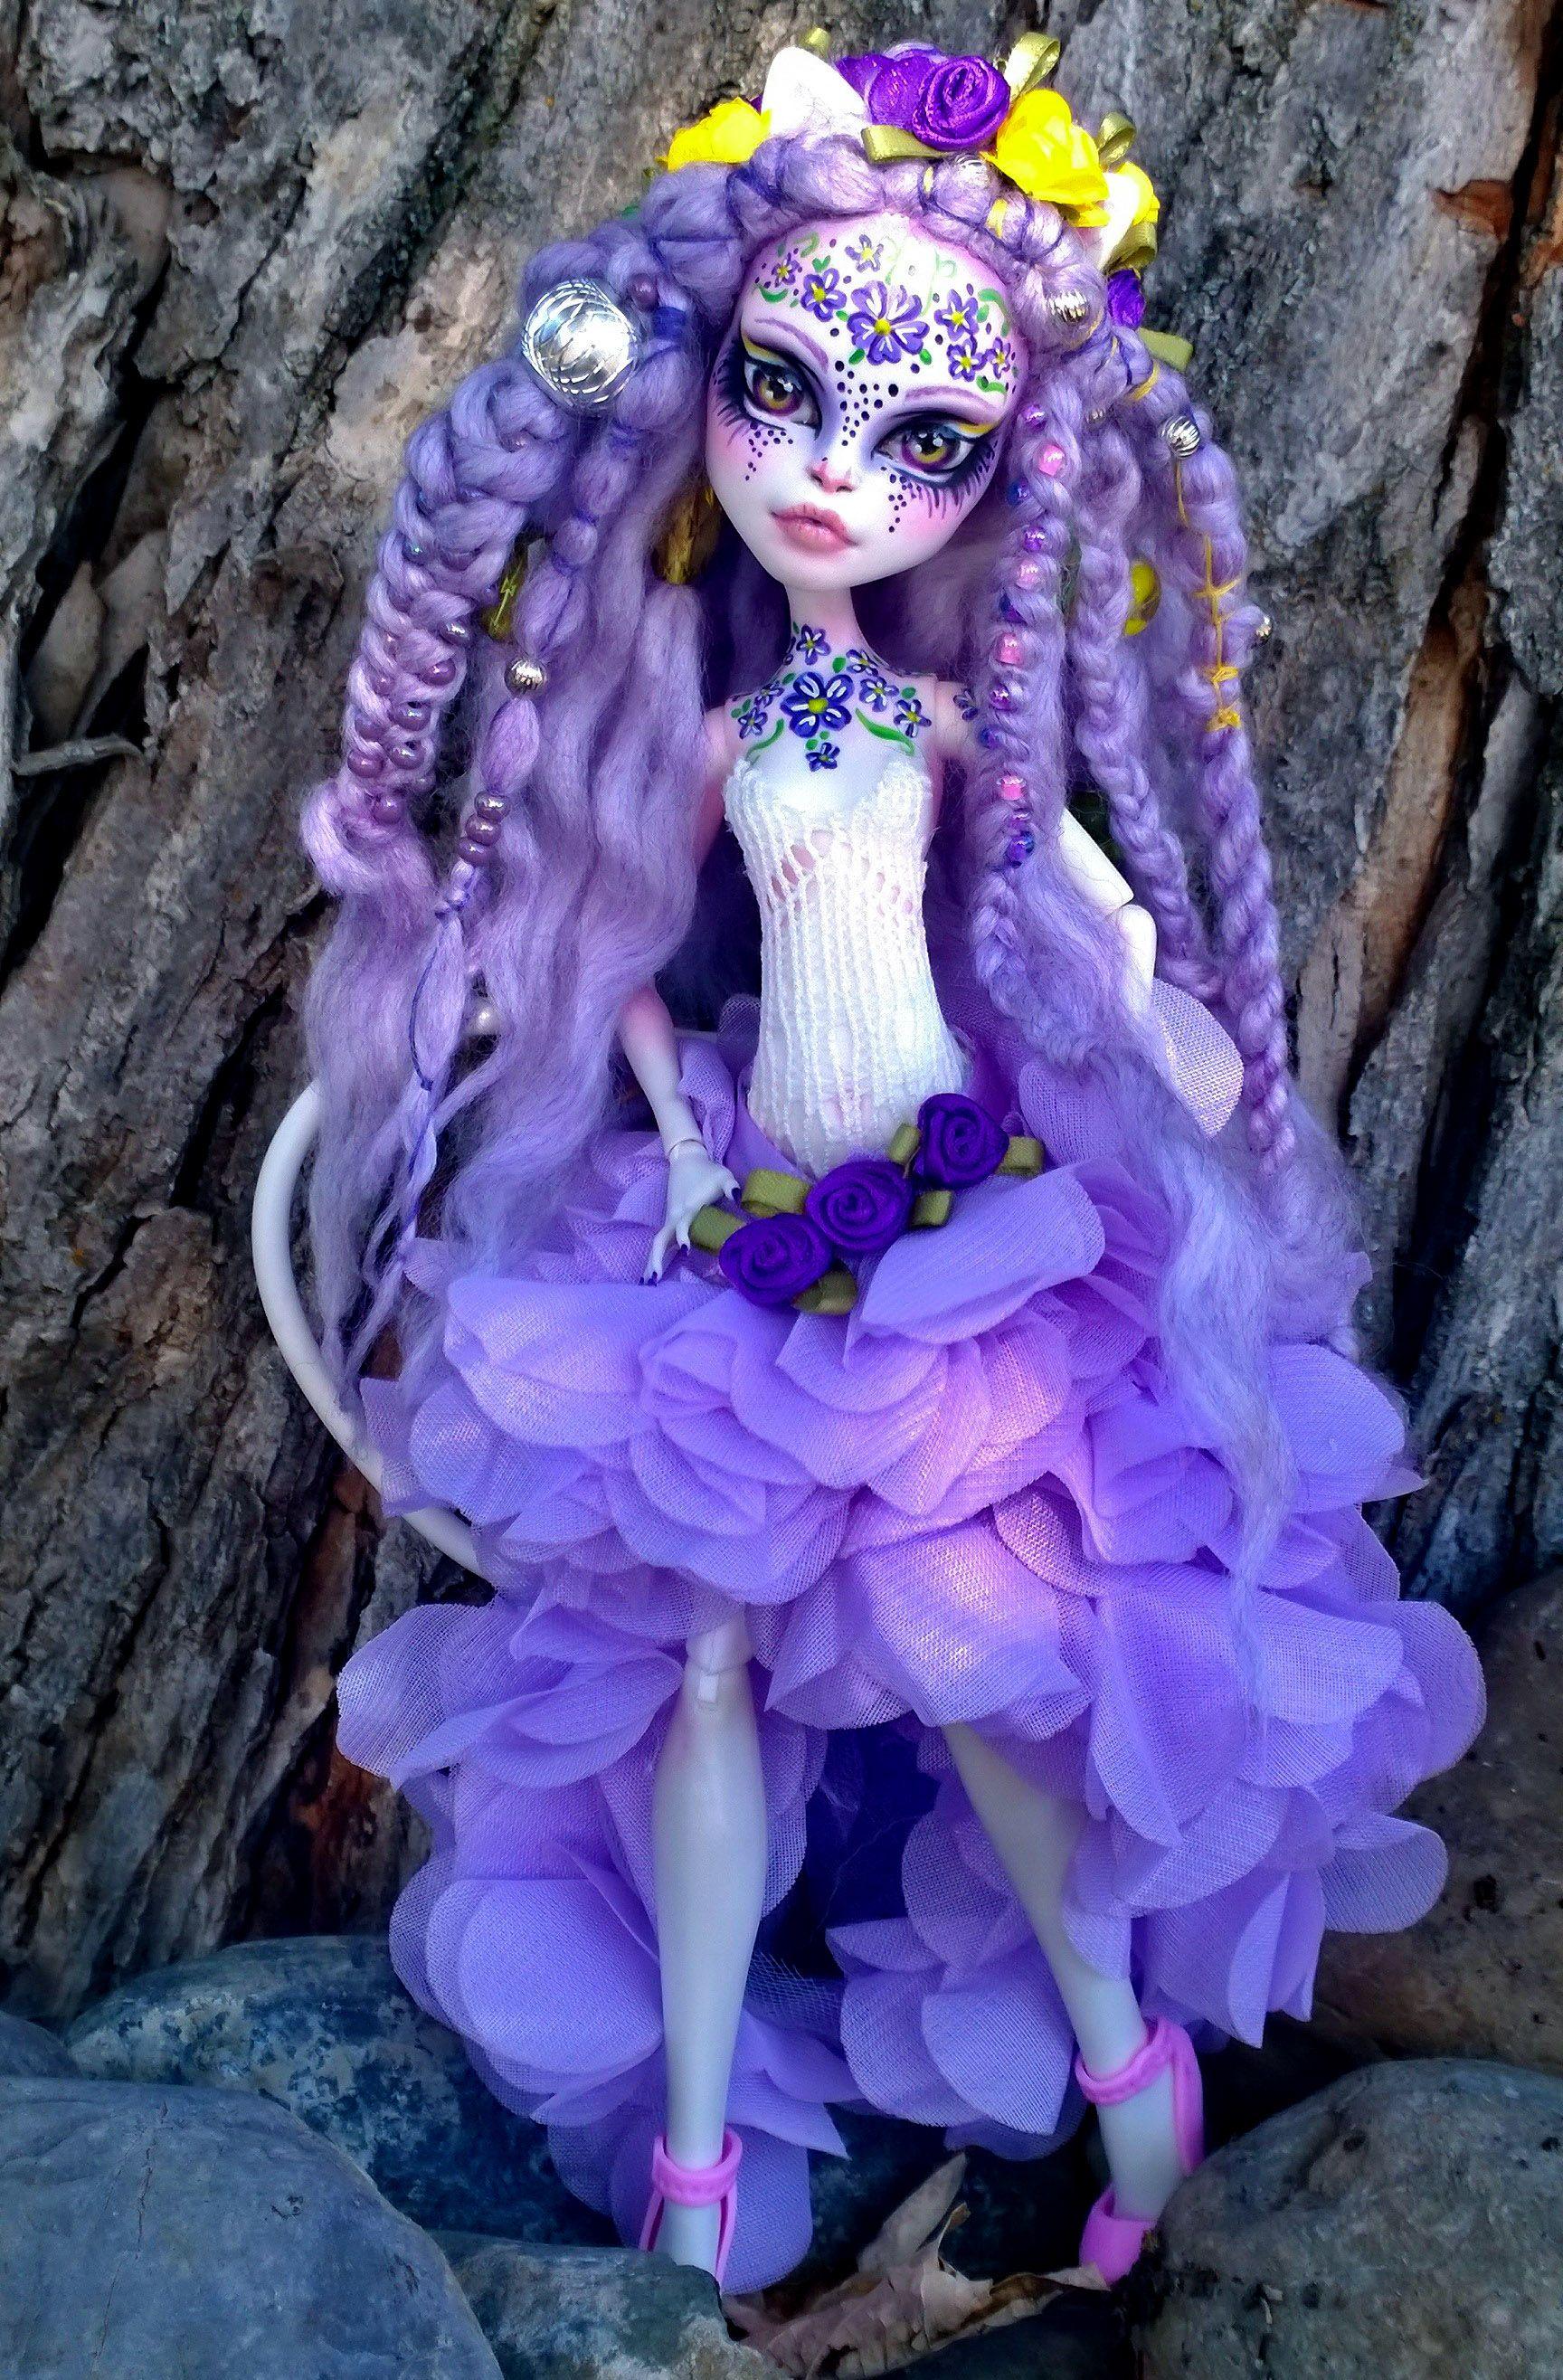 Catrine demew popular catrine demew doll buy cheap catrine demew doll -  Kv Tka Custom Ooak Catrine Demew Monster High Doll By Ladyspoonart